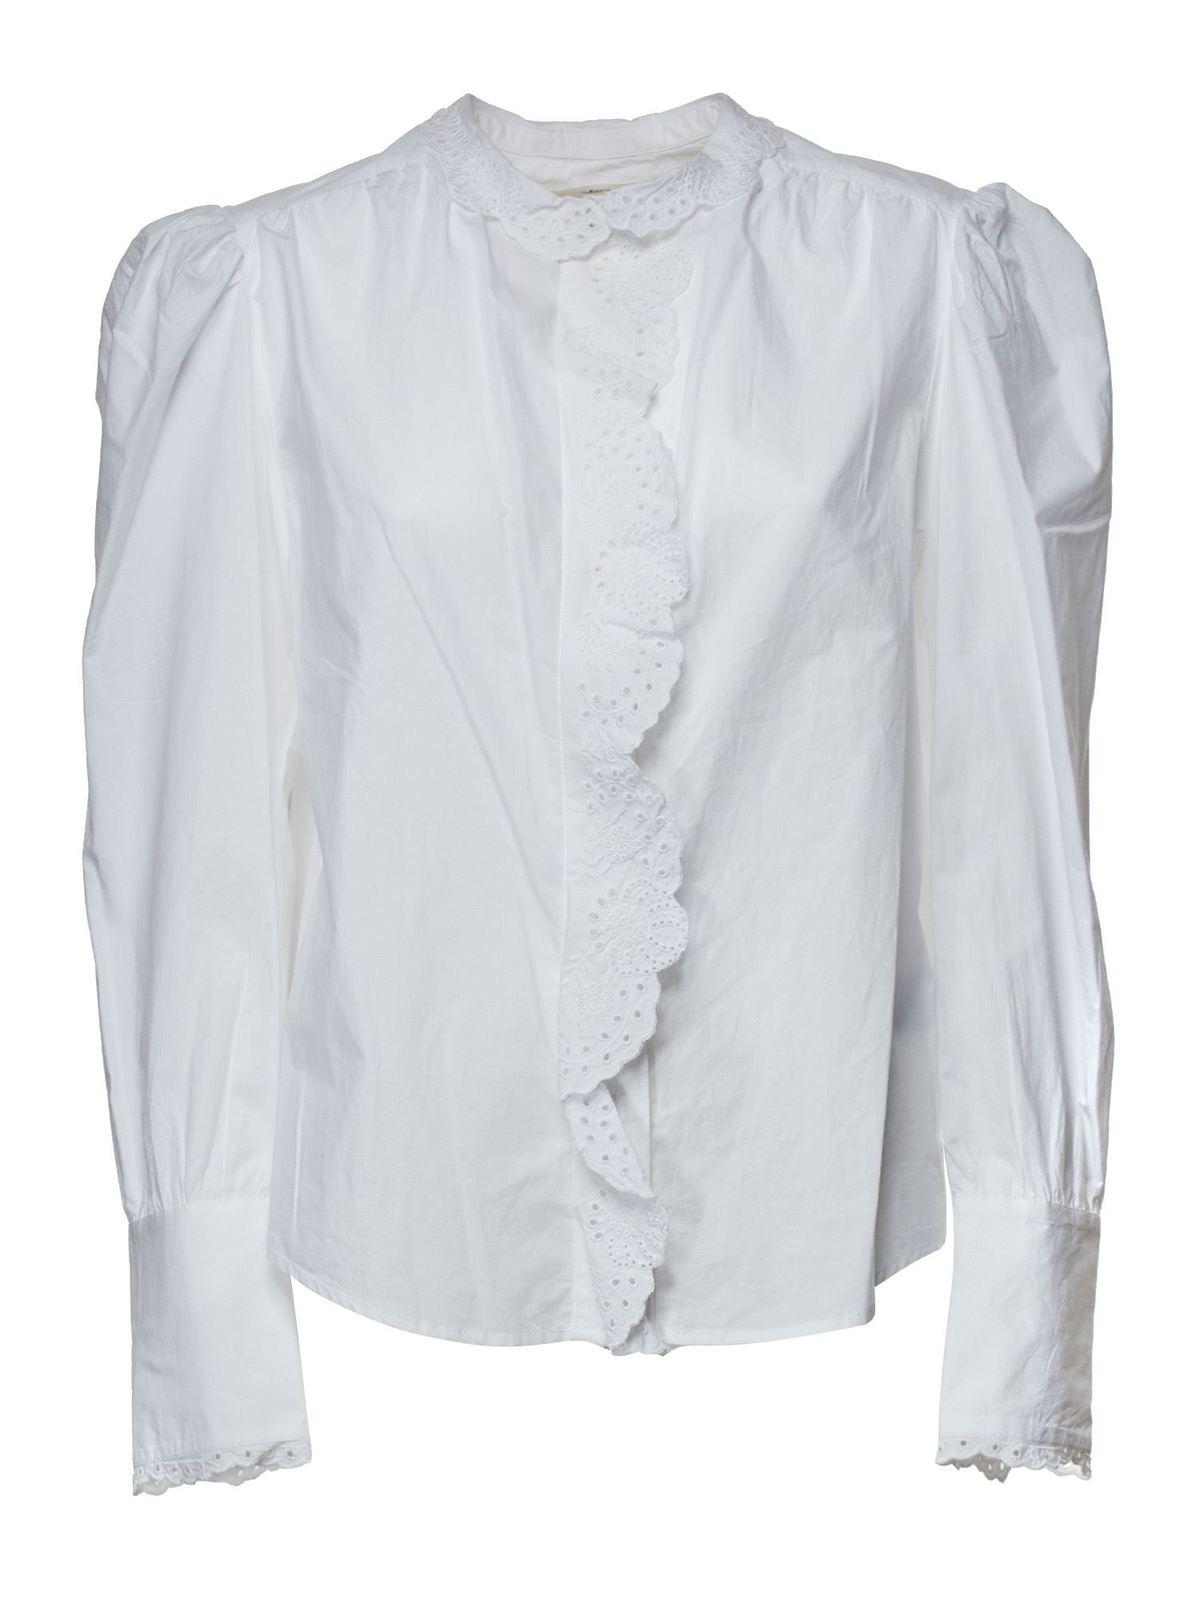 ISABEL MARANT ÉTOILE ORLANA SHIRT IN WHITE